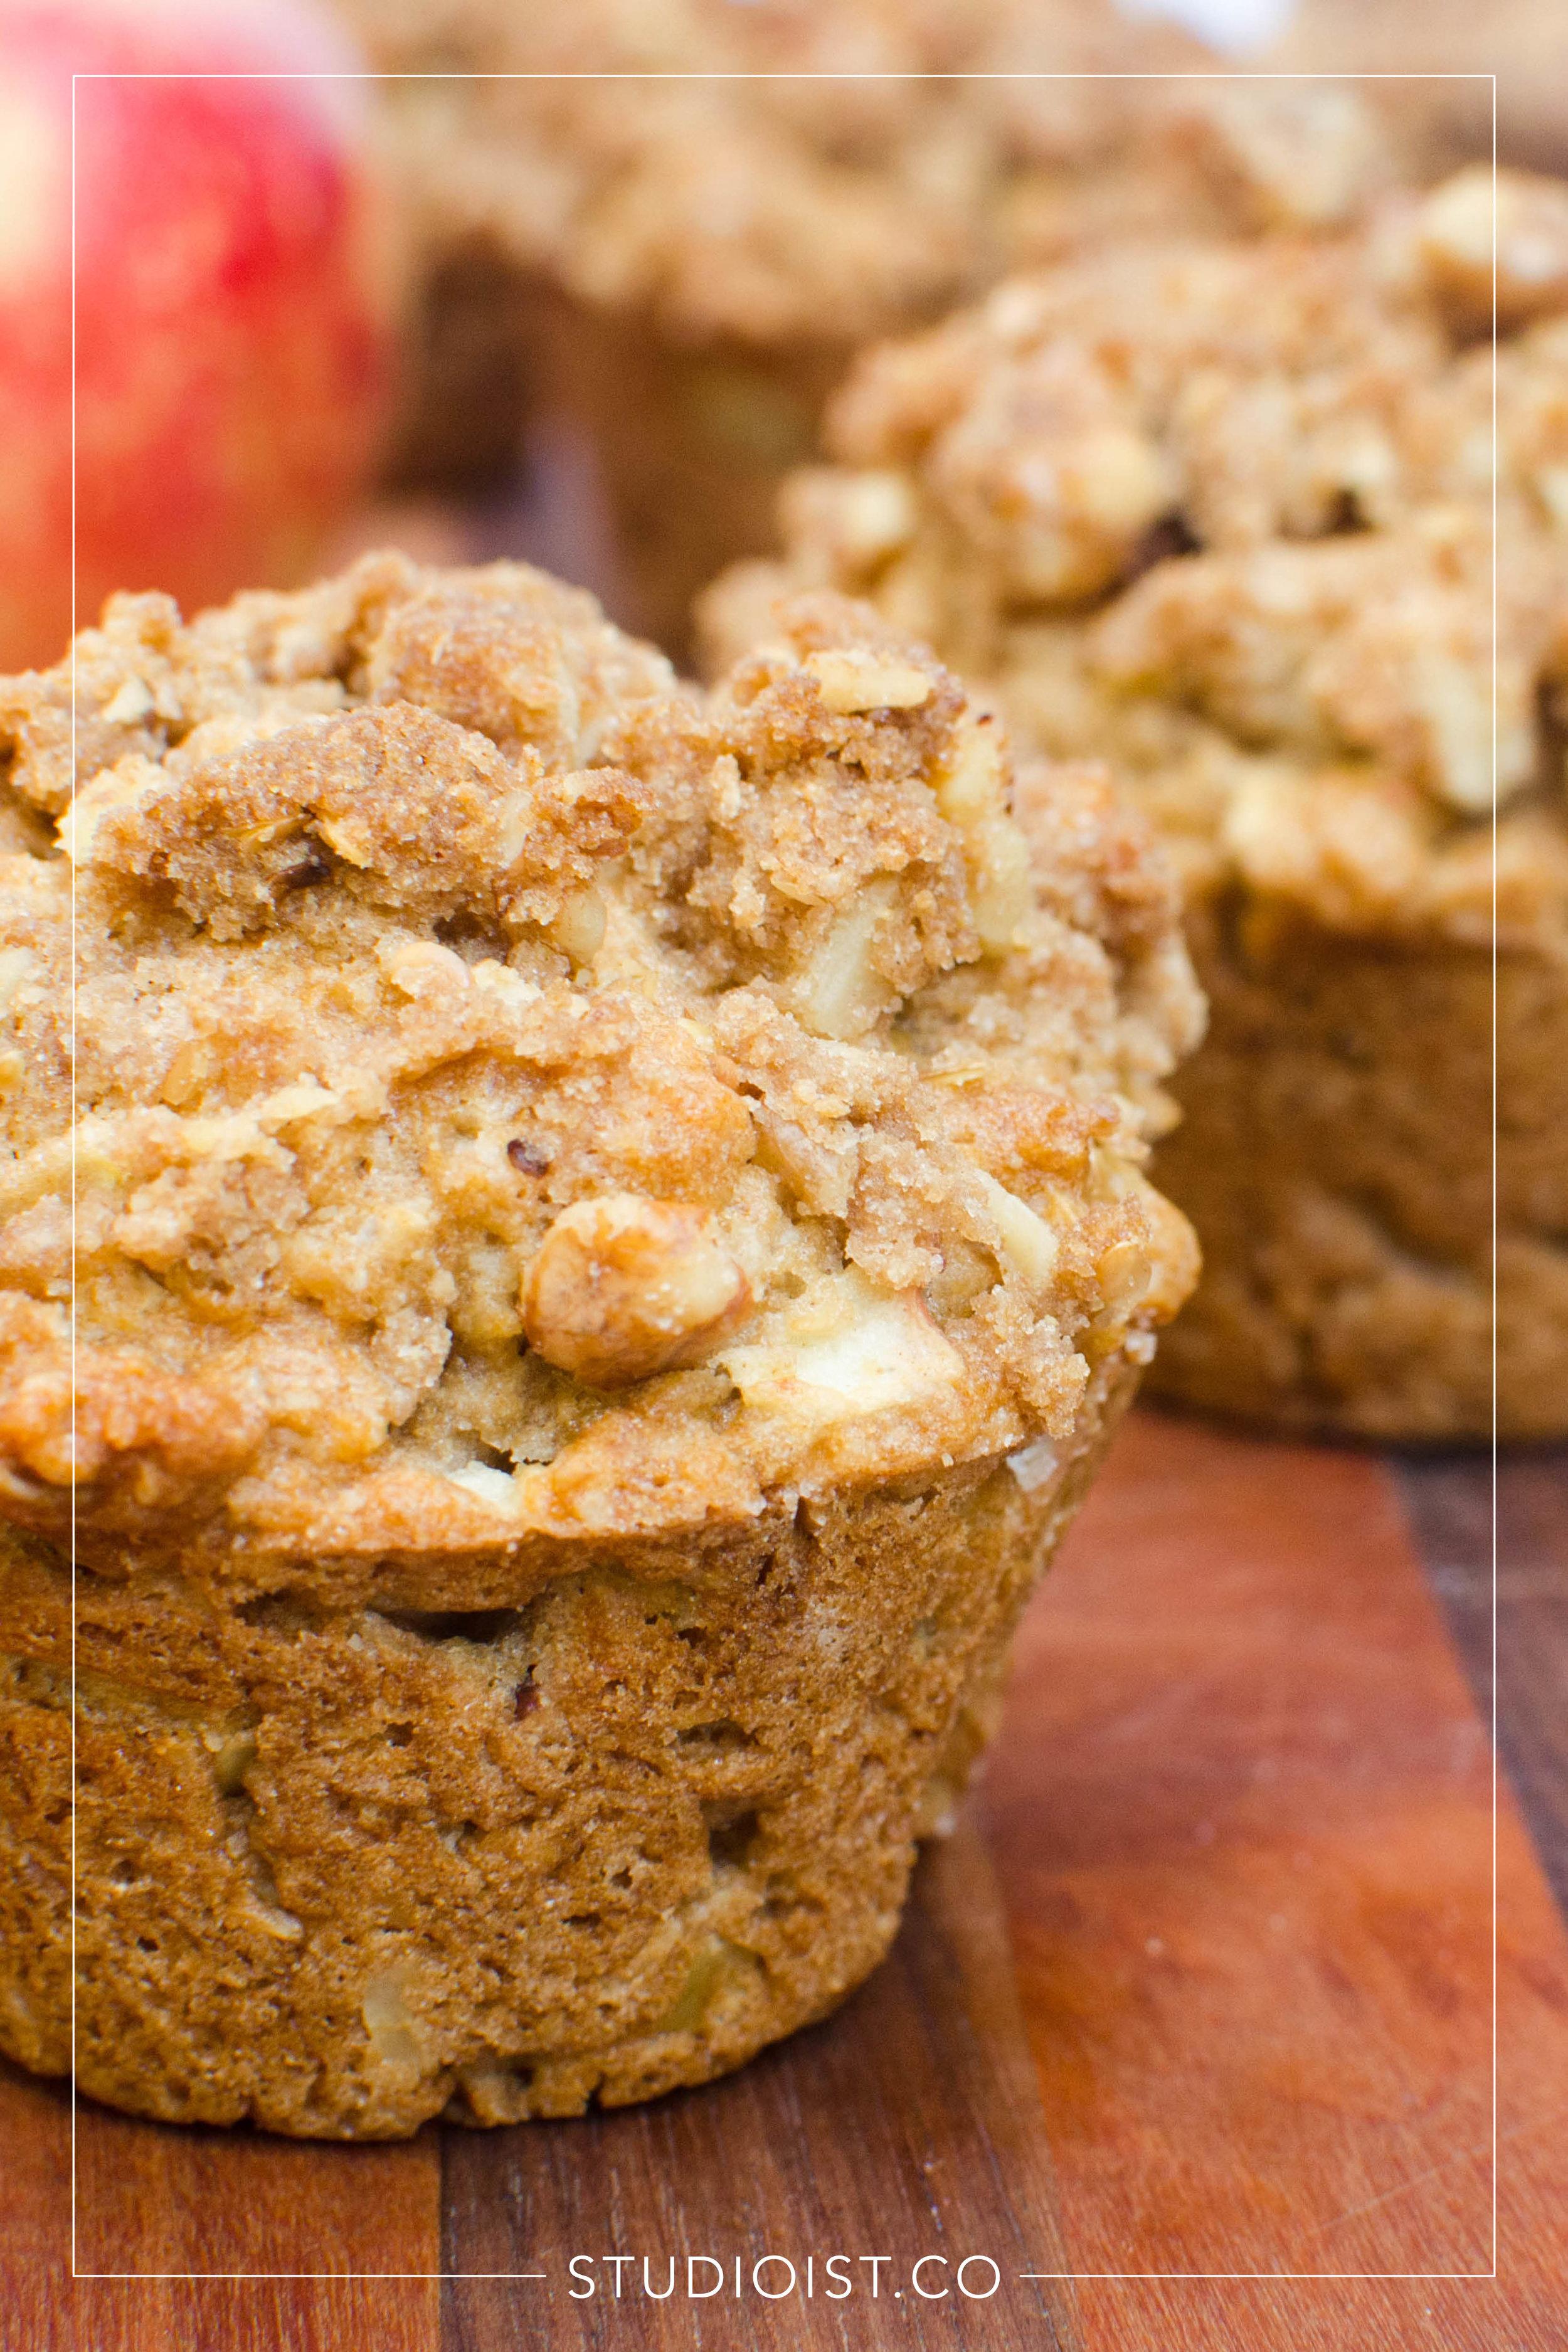 Studioist_Pinterest Design_Cinnamon Apple Muffins3.jpg